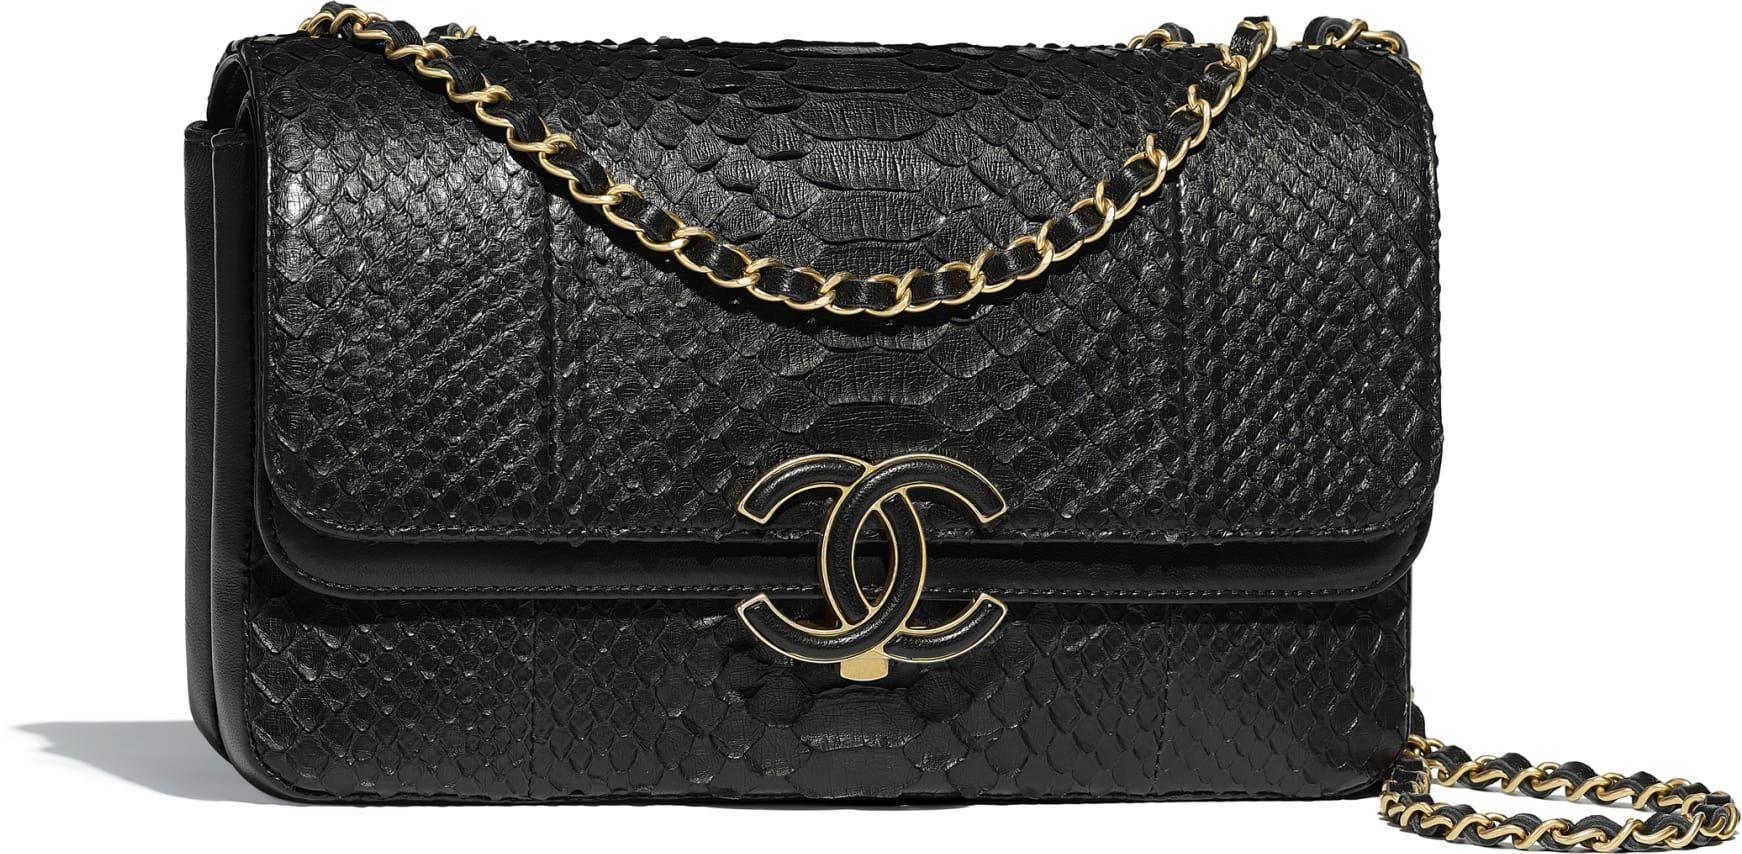 967f4cc60 Bolso con solapa, pitón, piel de cordero y metal dorado, negro - CHANEL